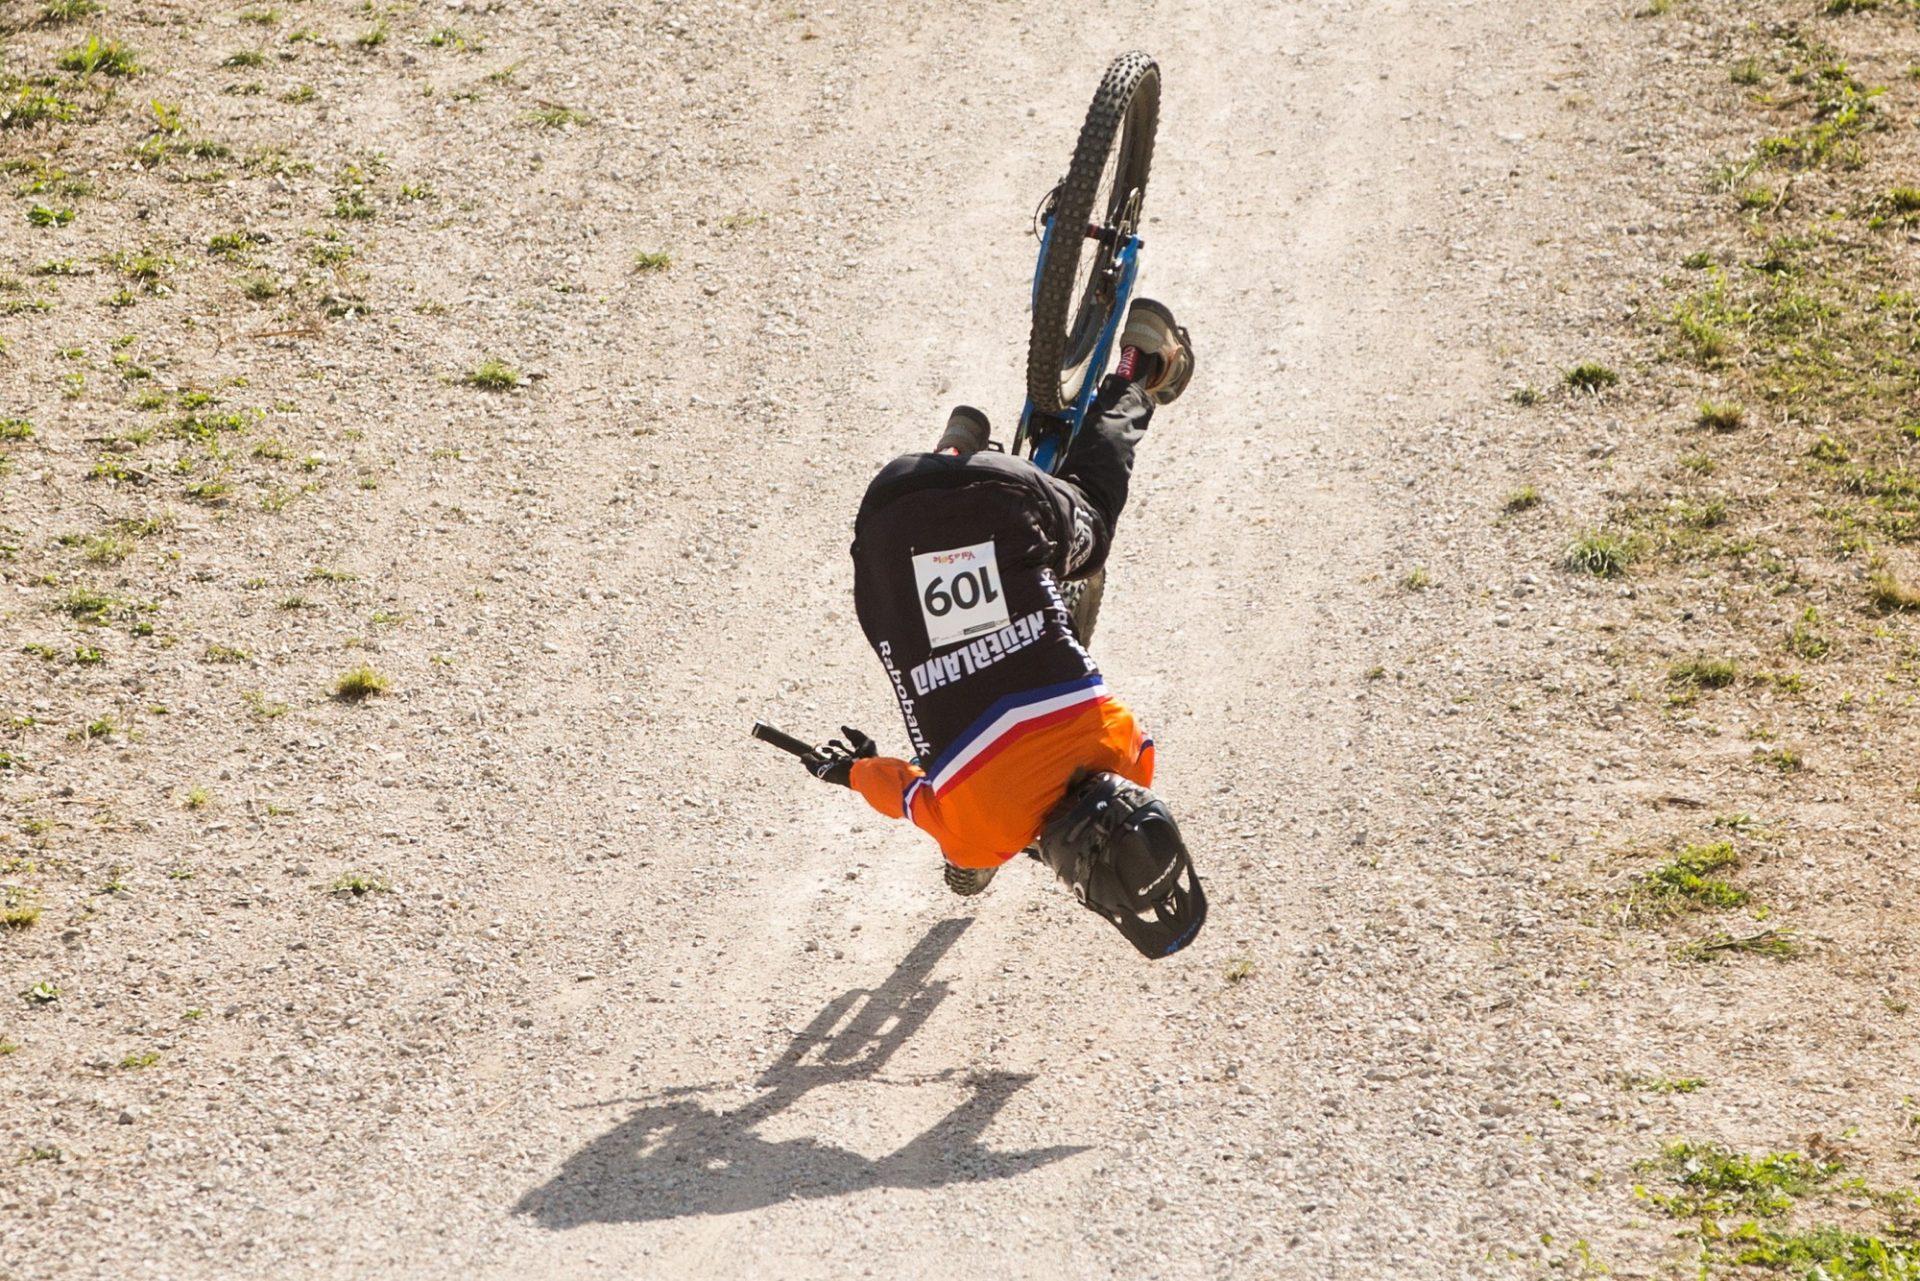 Při cyklistice, ať už silniční nebo horské, dochází k drsným pádům. Senzor Angi Crash je pak vítaným pomocníkem. Foto: Michal Červený